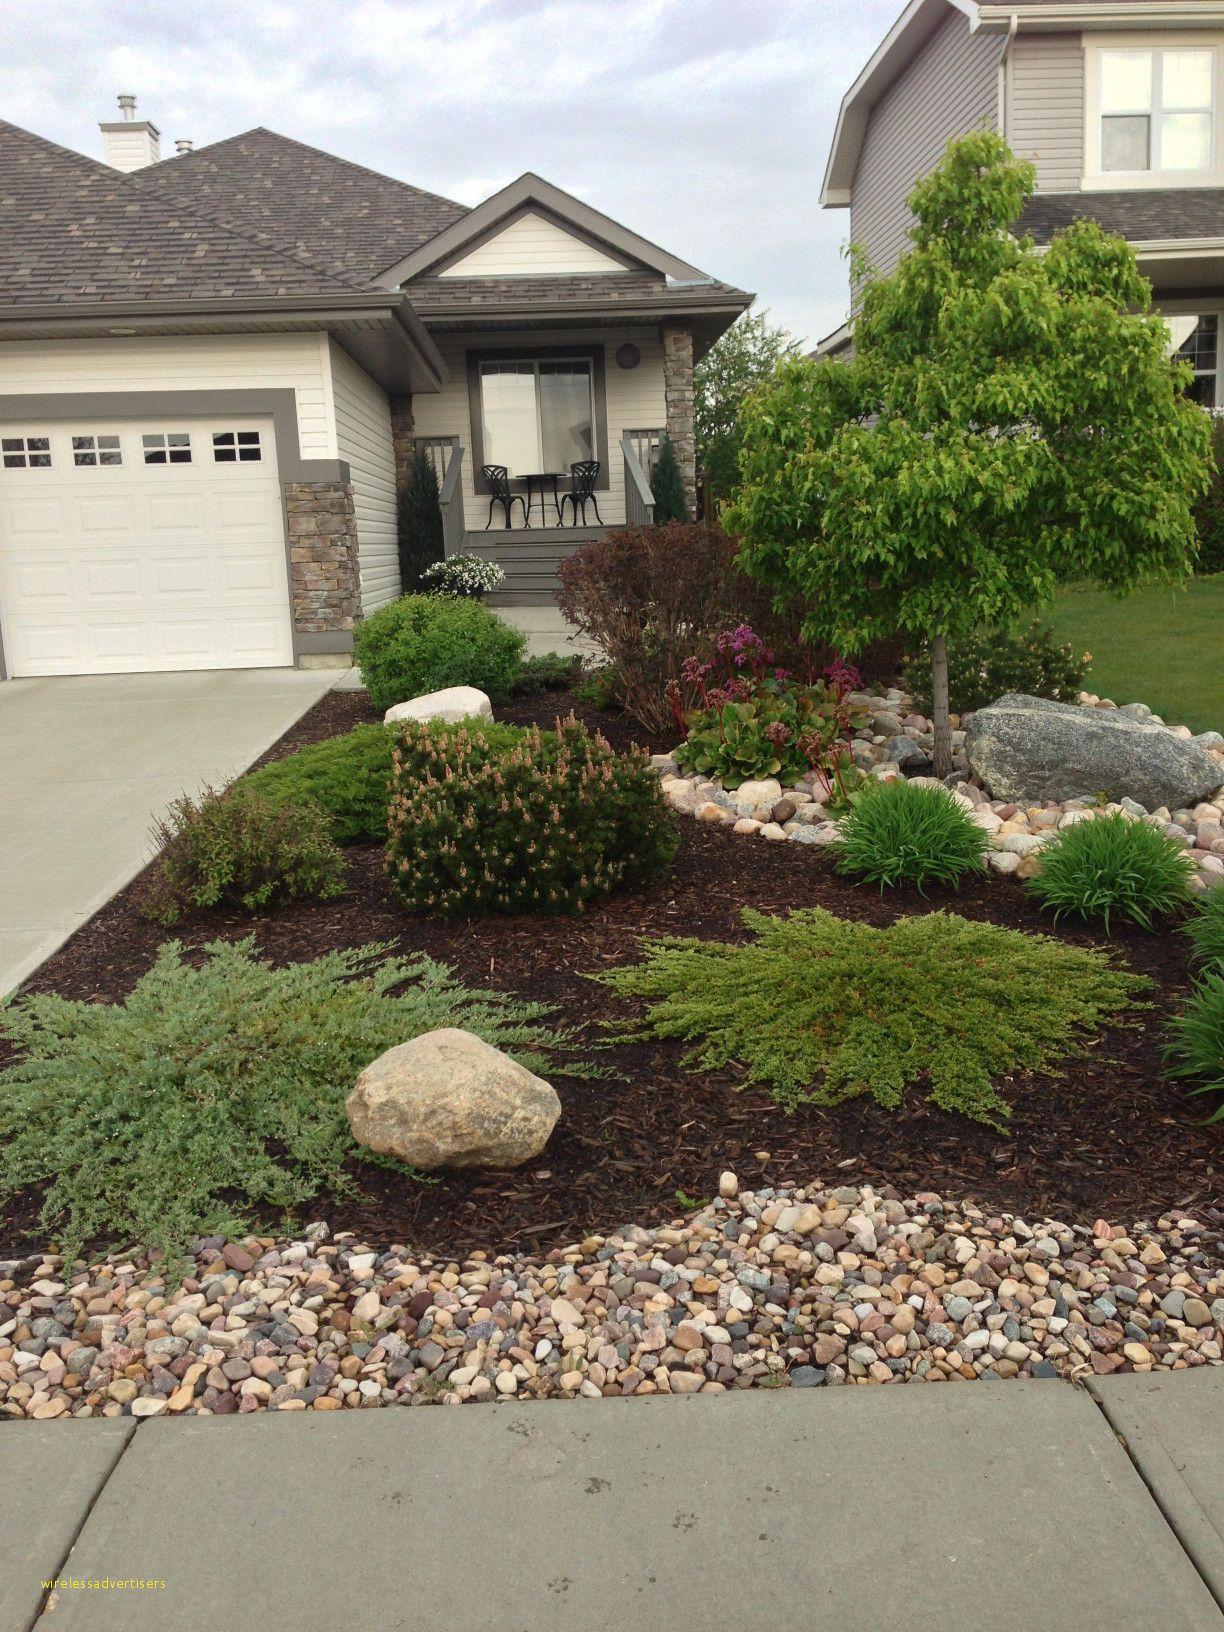 49 Fancy Front Garden Designs Front Garden Designs Front Yard